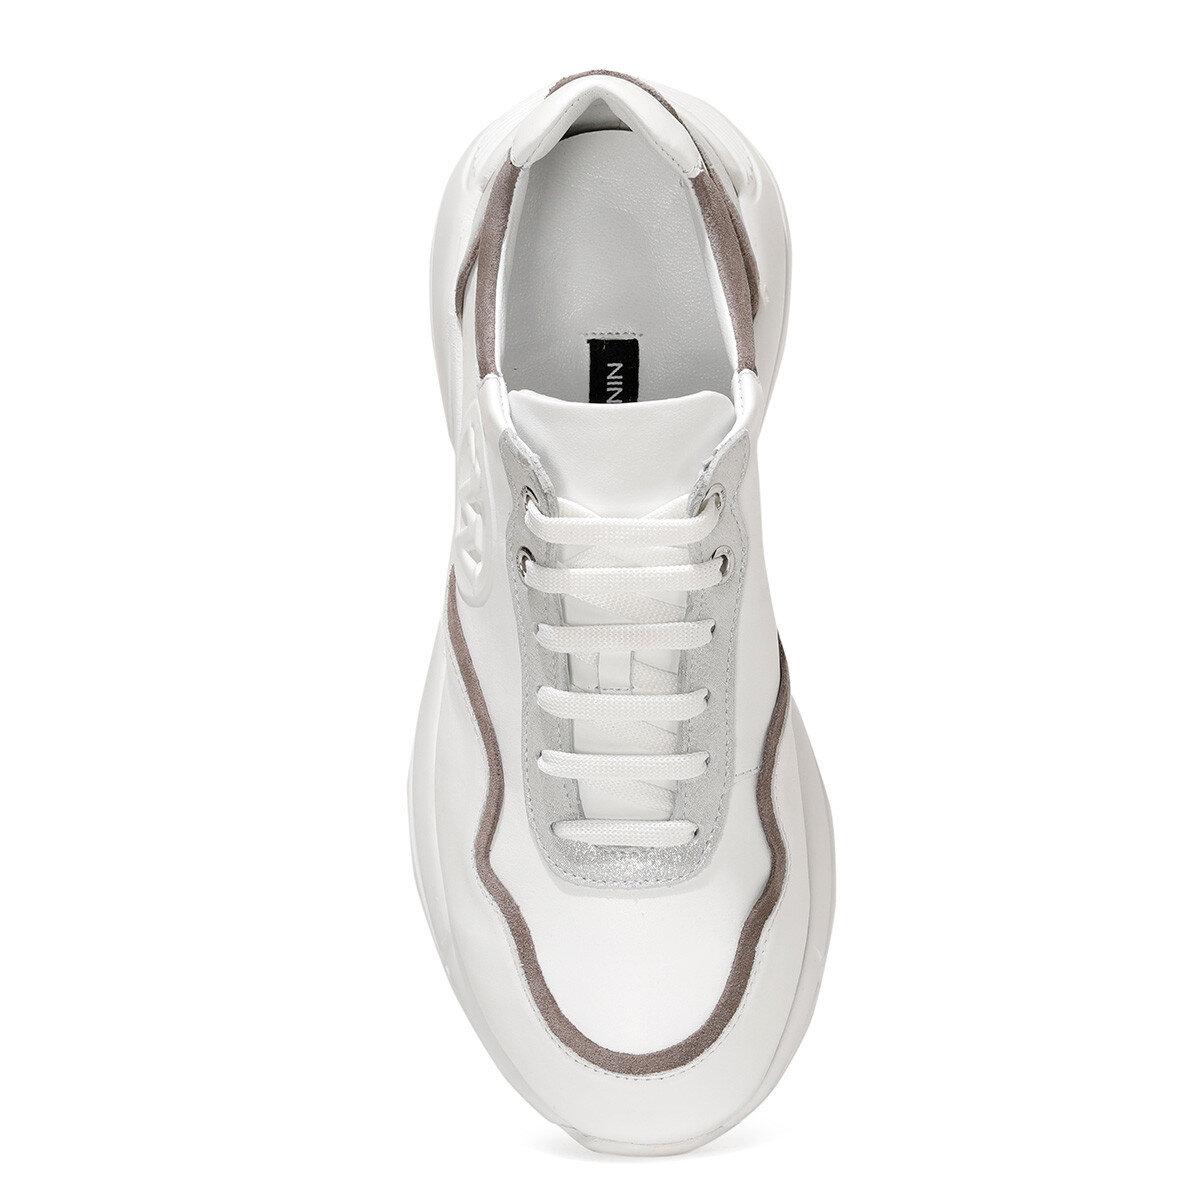 FIGO Beyaz Kadın Sneaker